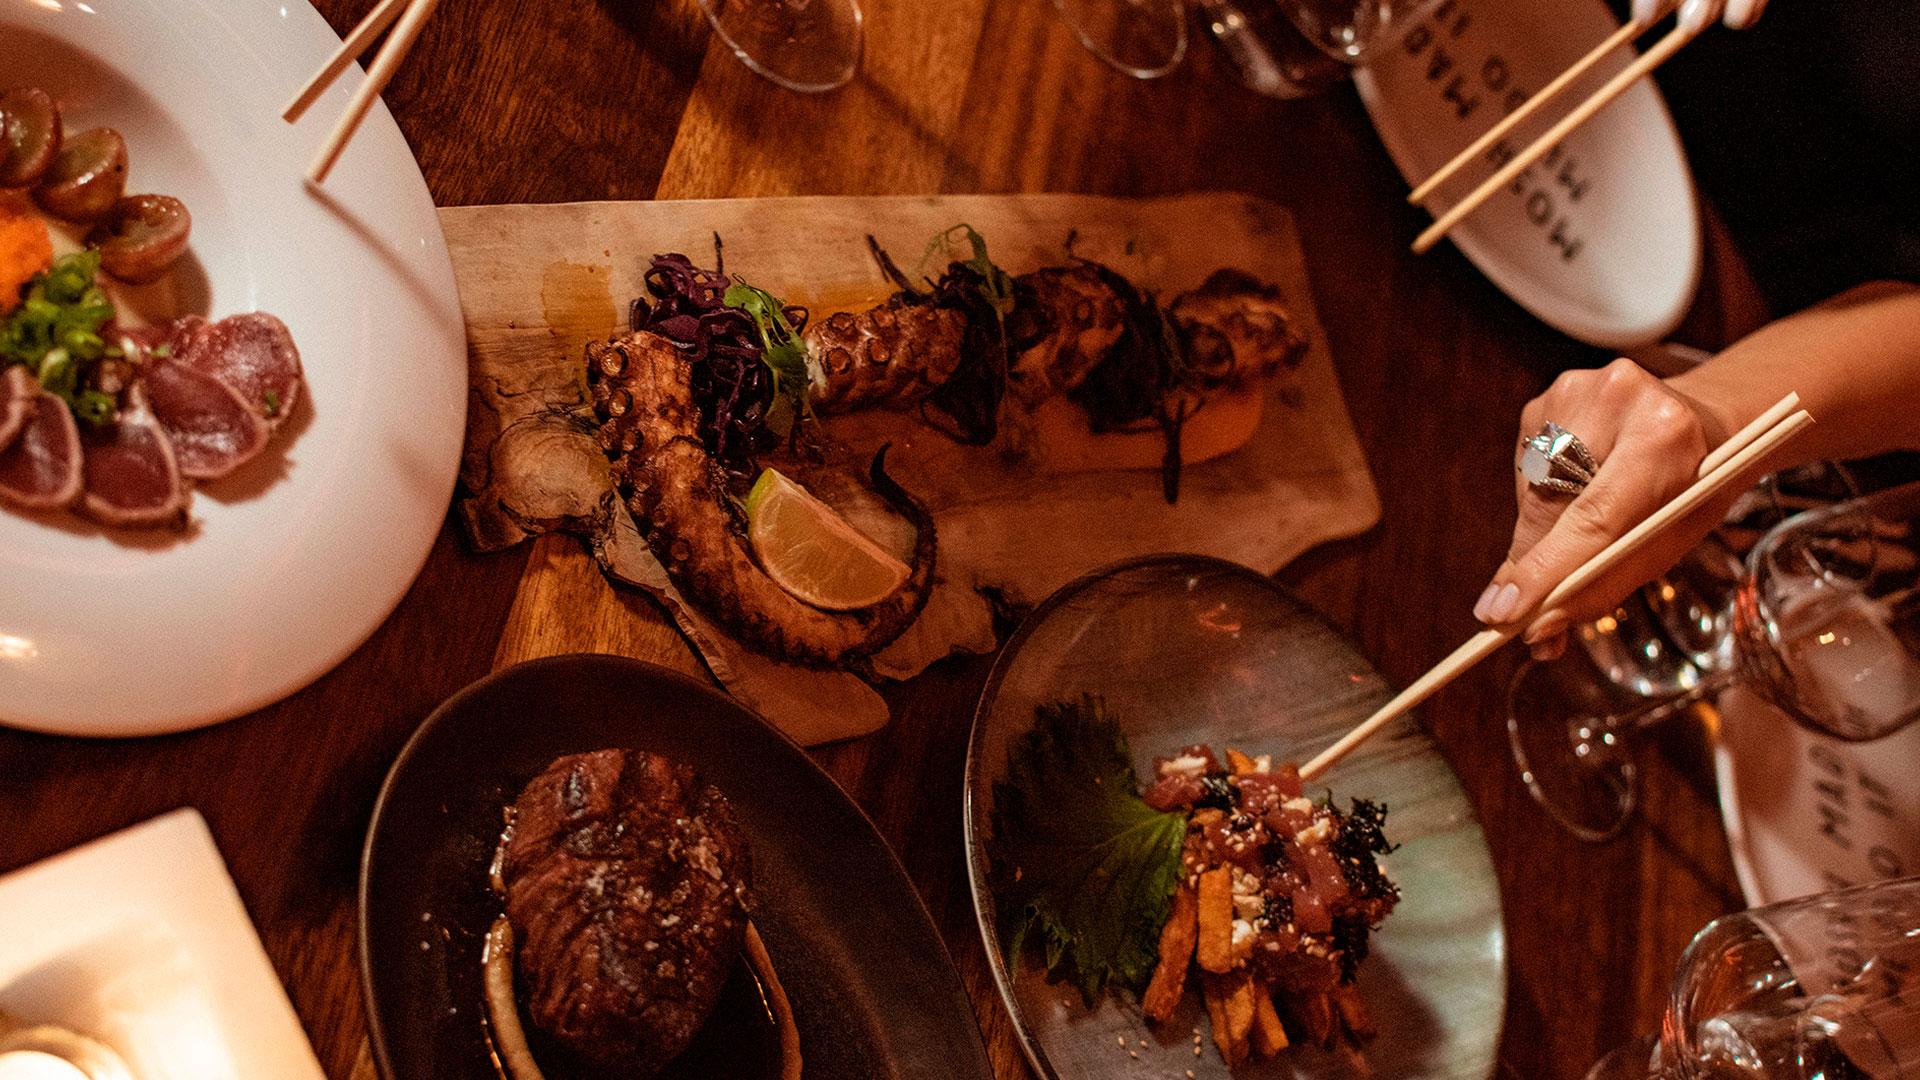 Imagen del restaurante Mosh Fun Kitchen